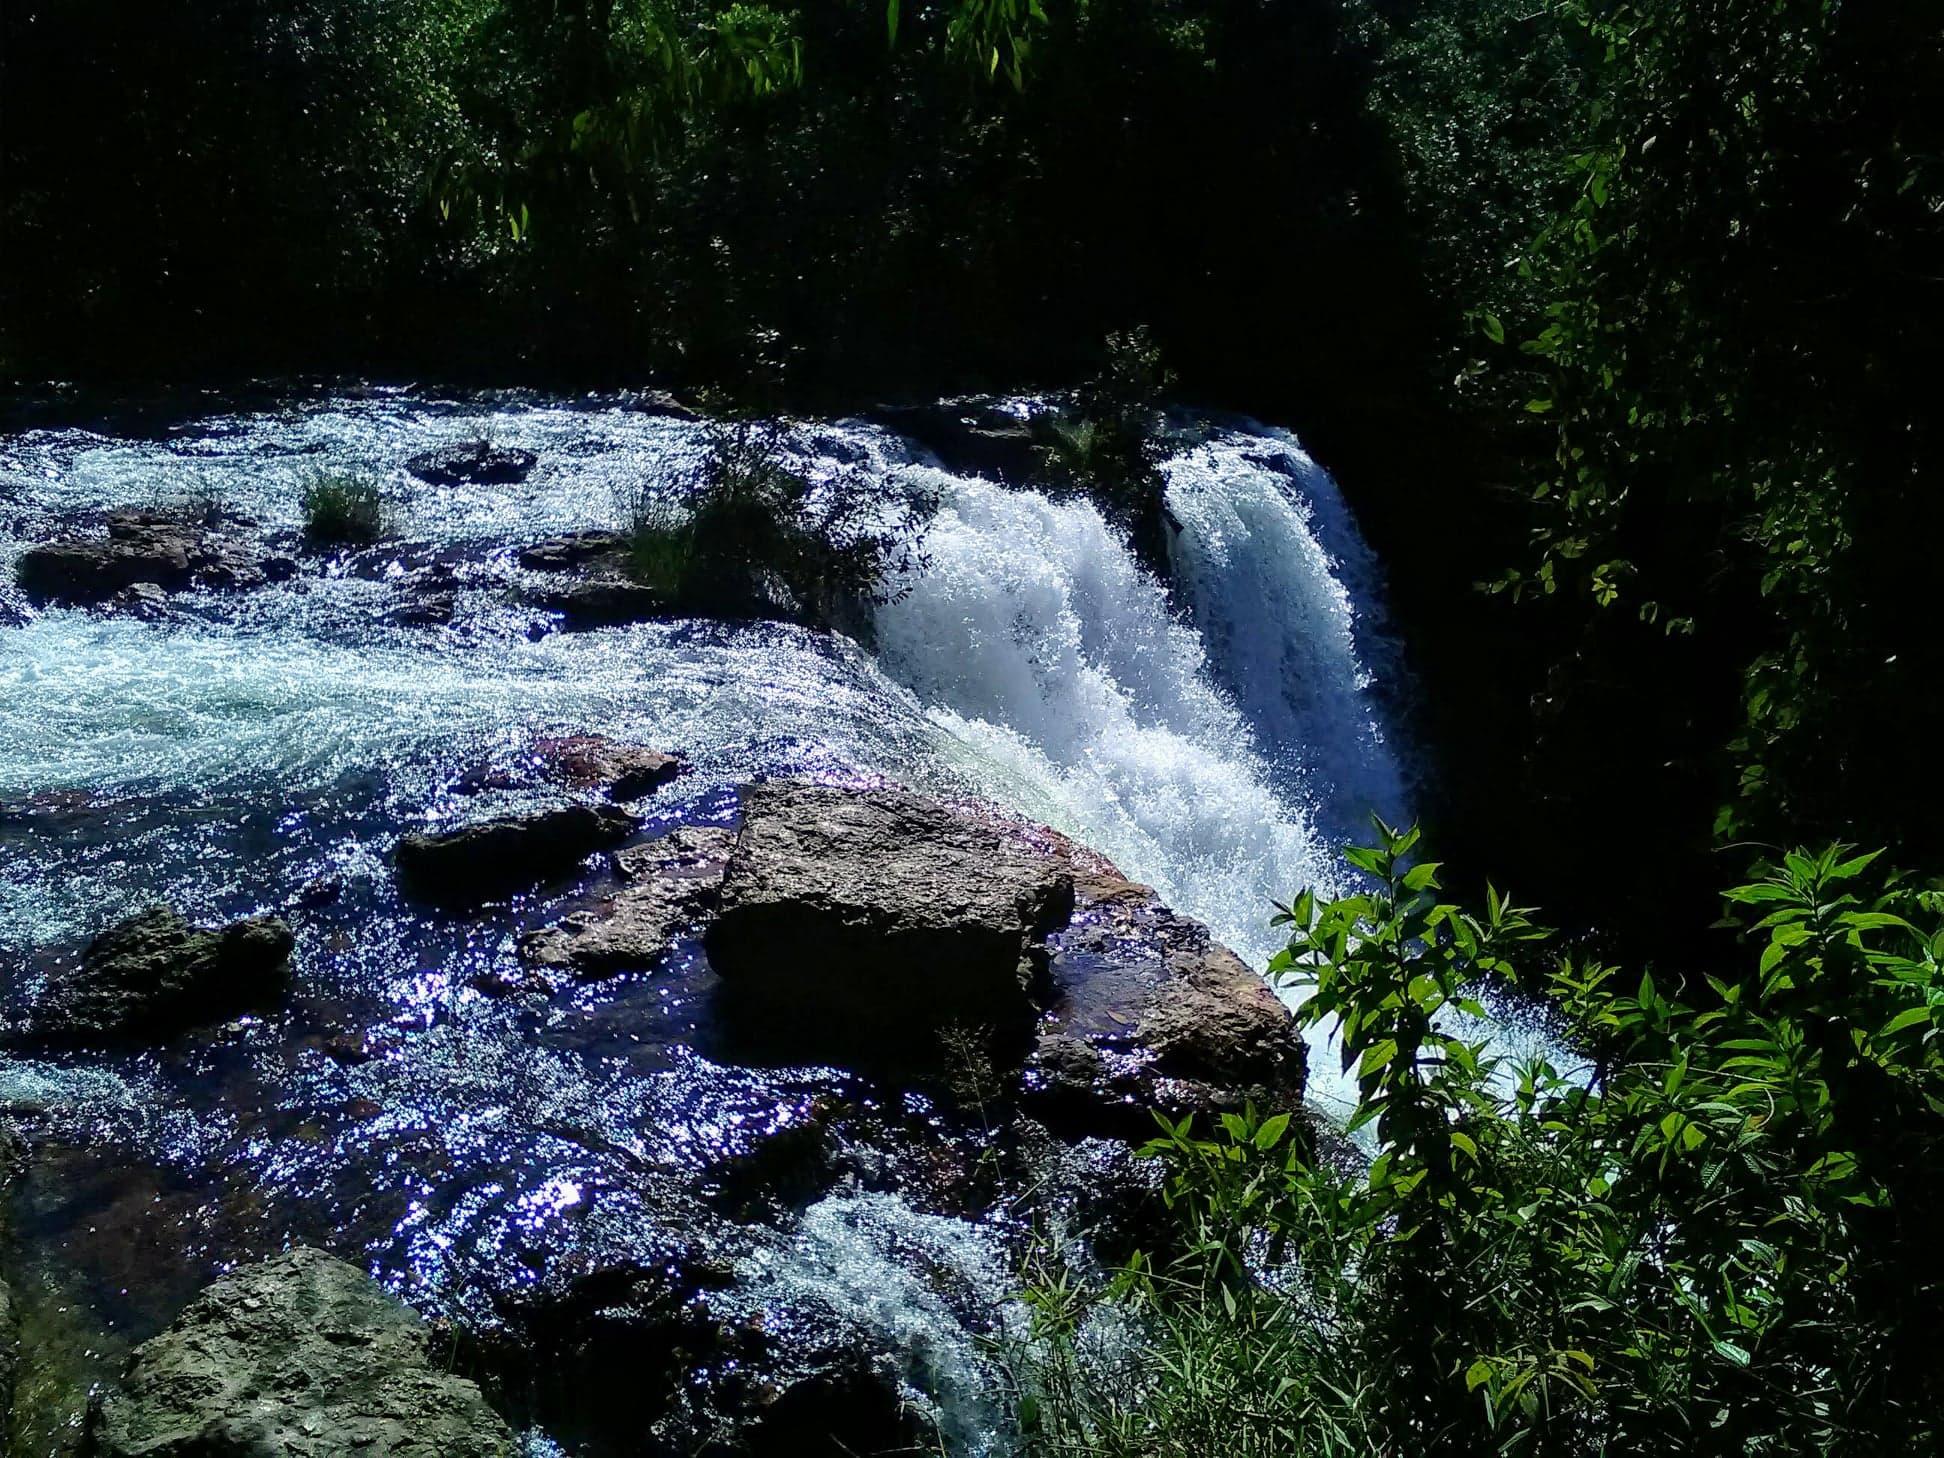 Brazilianen-zijn-dol-op-watervallen-en-water-2